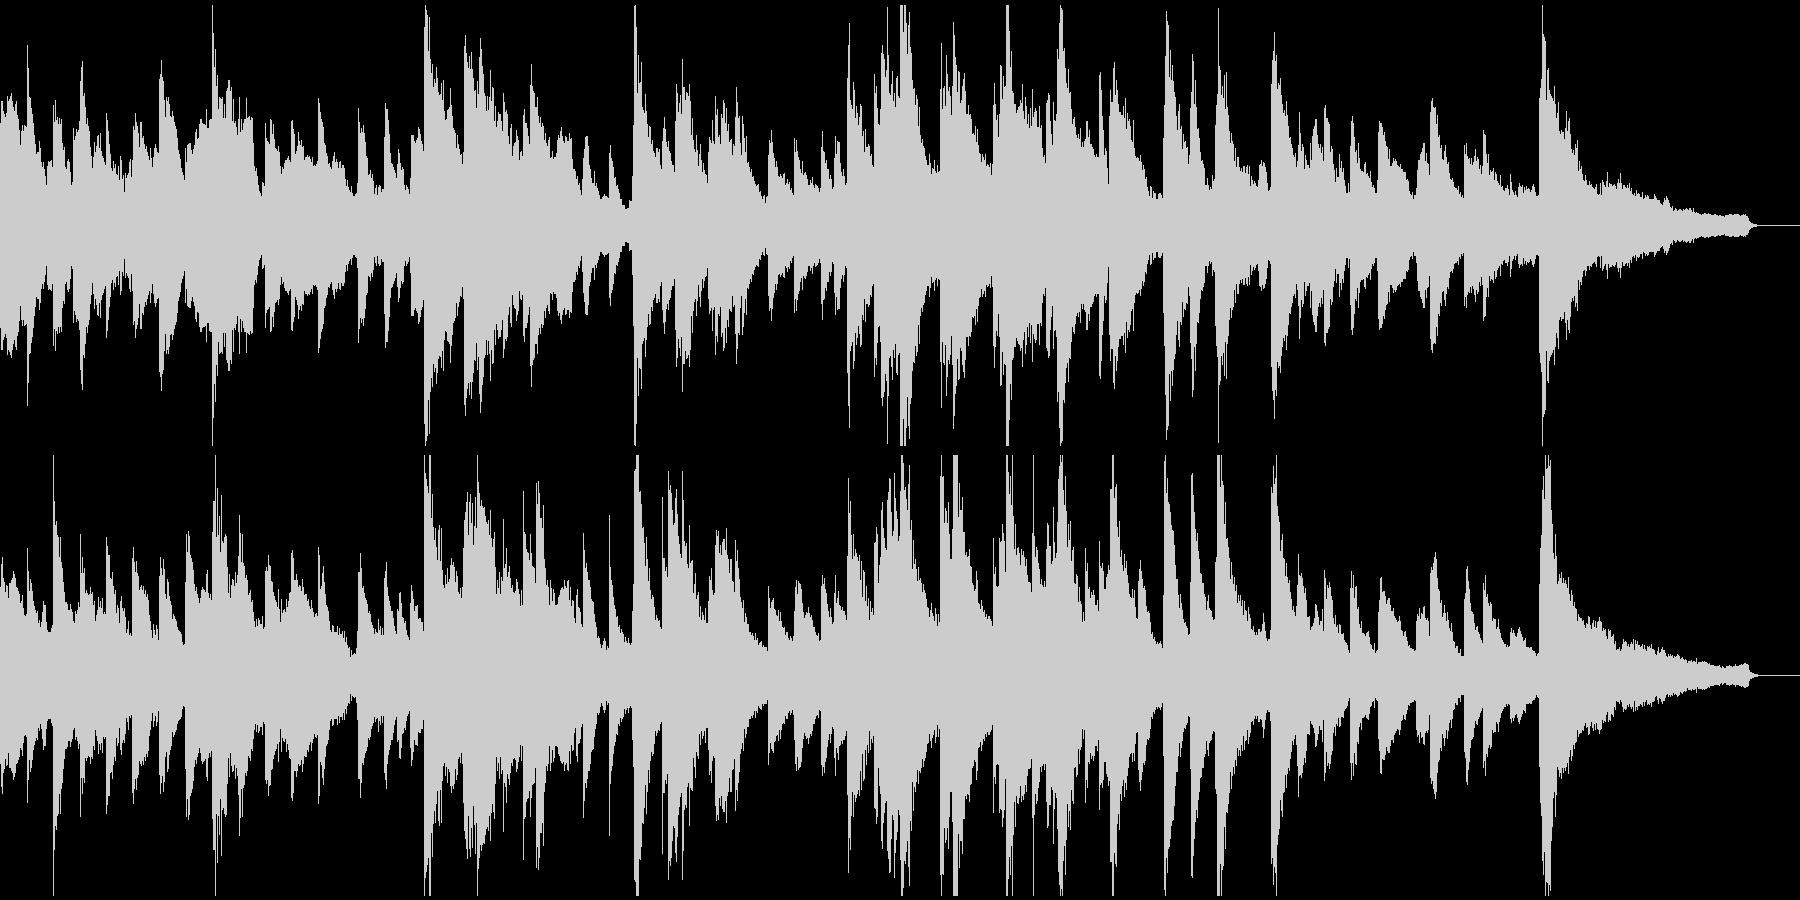 悲しい雰囲気のピアノ&オーケストラ楽曲の未再生の波形